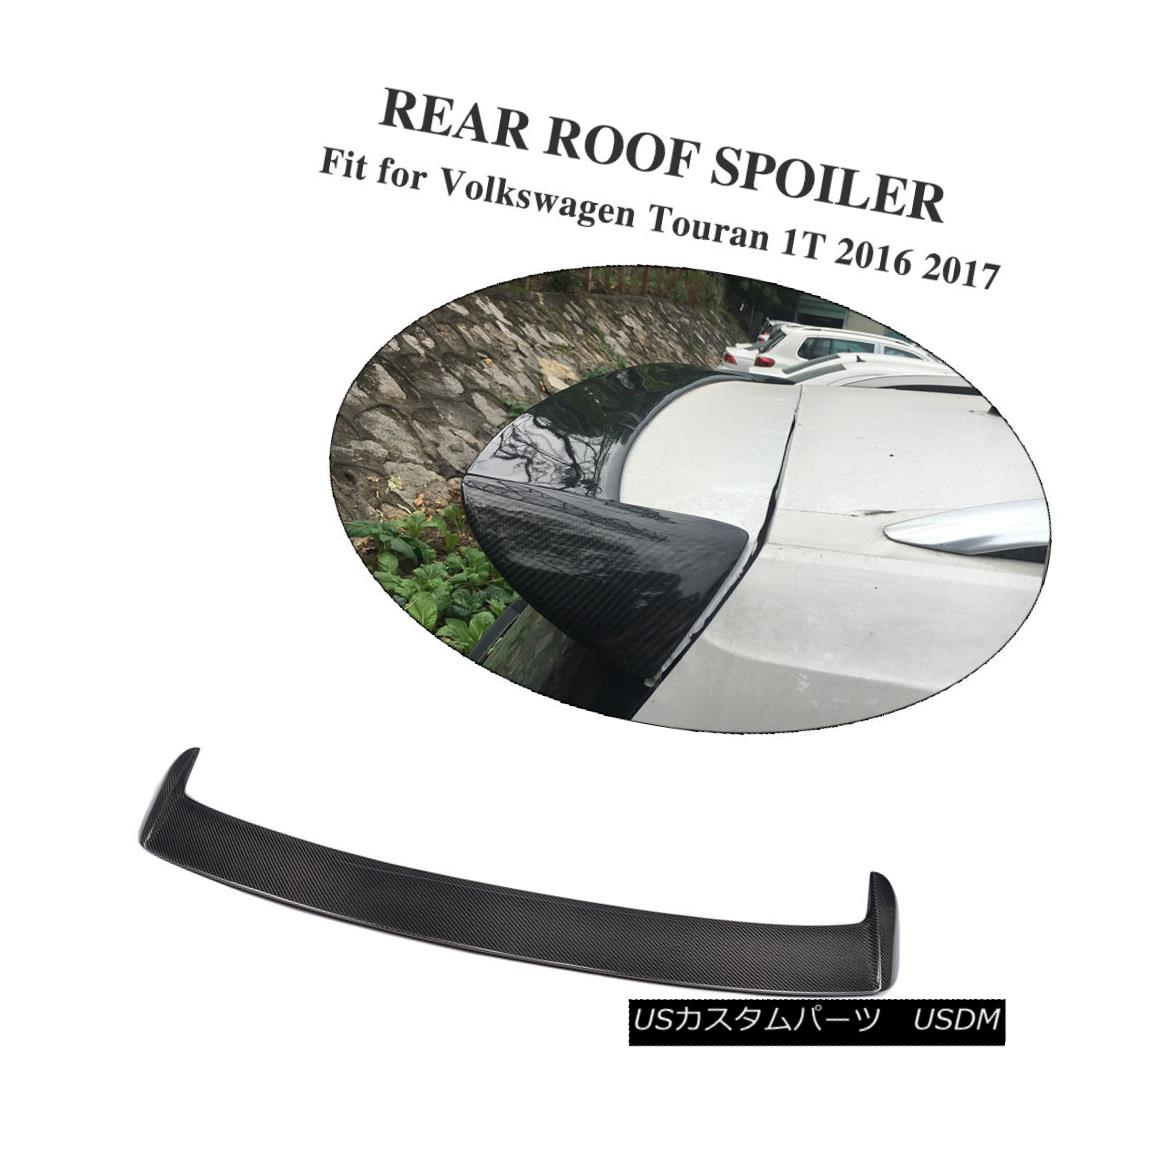 エアロパーツ Auto Rear Roof Spoiler Top Wing Carbon Fiber Fit for Volkswagen Touran 1T 16-17 フォルクスワーゲントゥーラン1T 16-17のための自動リア屋根スポイラートップウィング炭素繊維のフィット